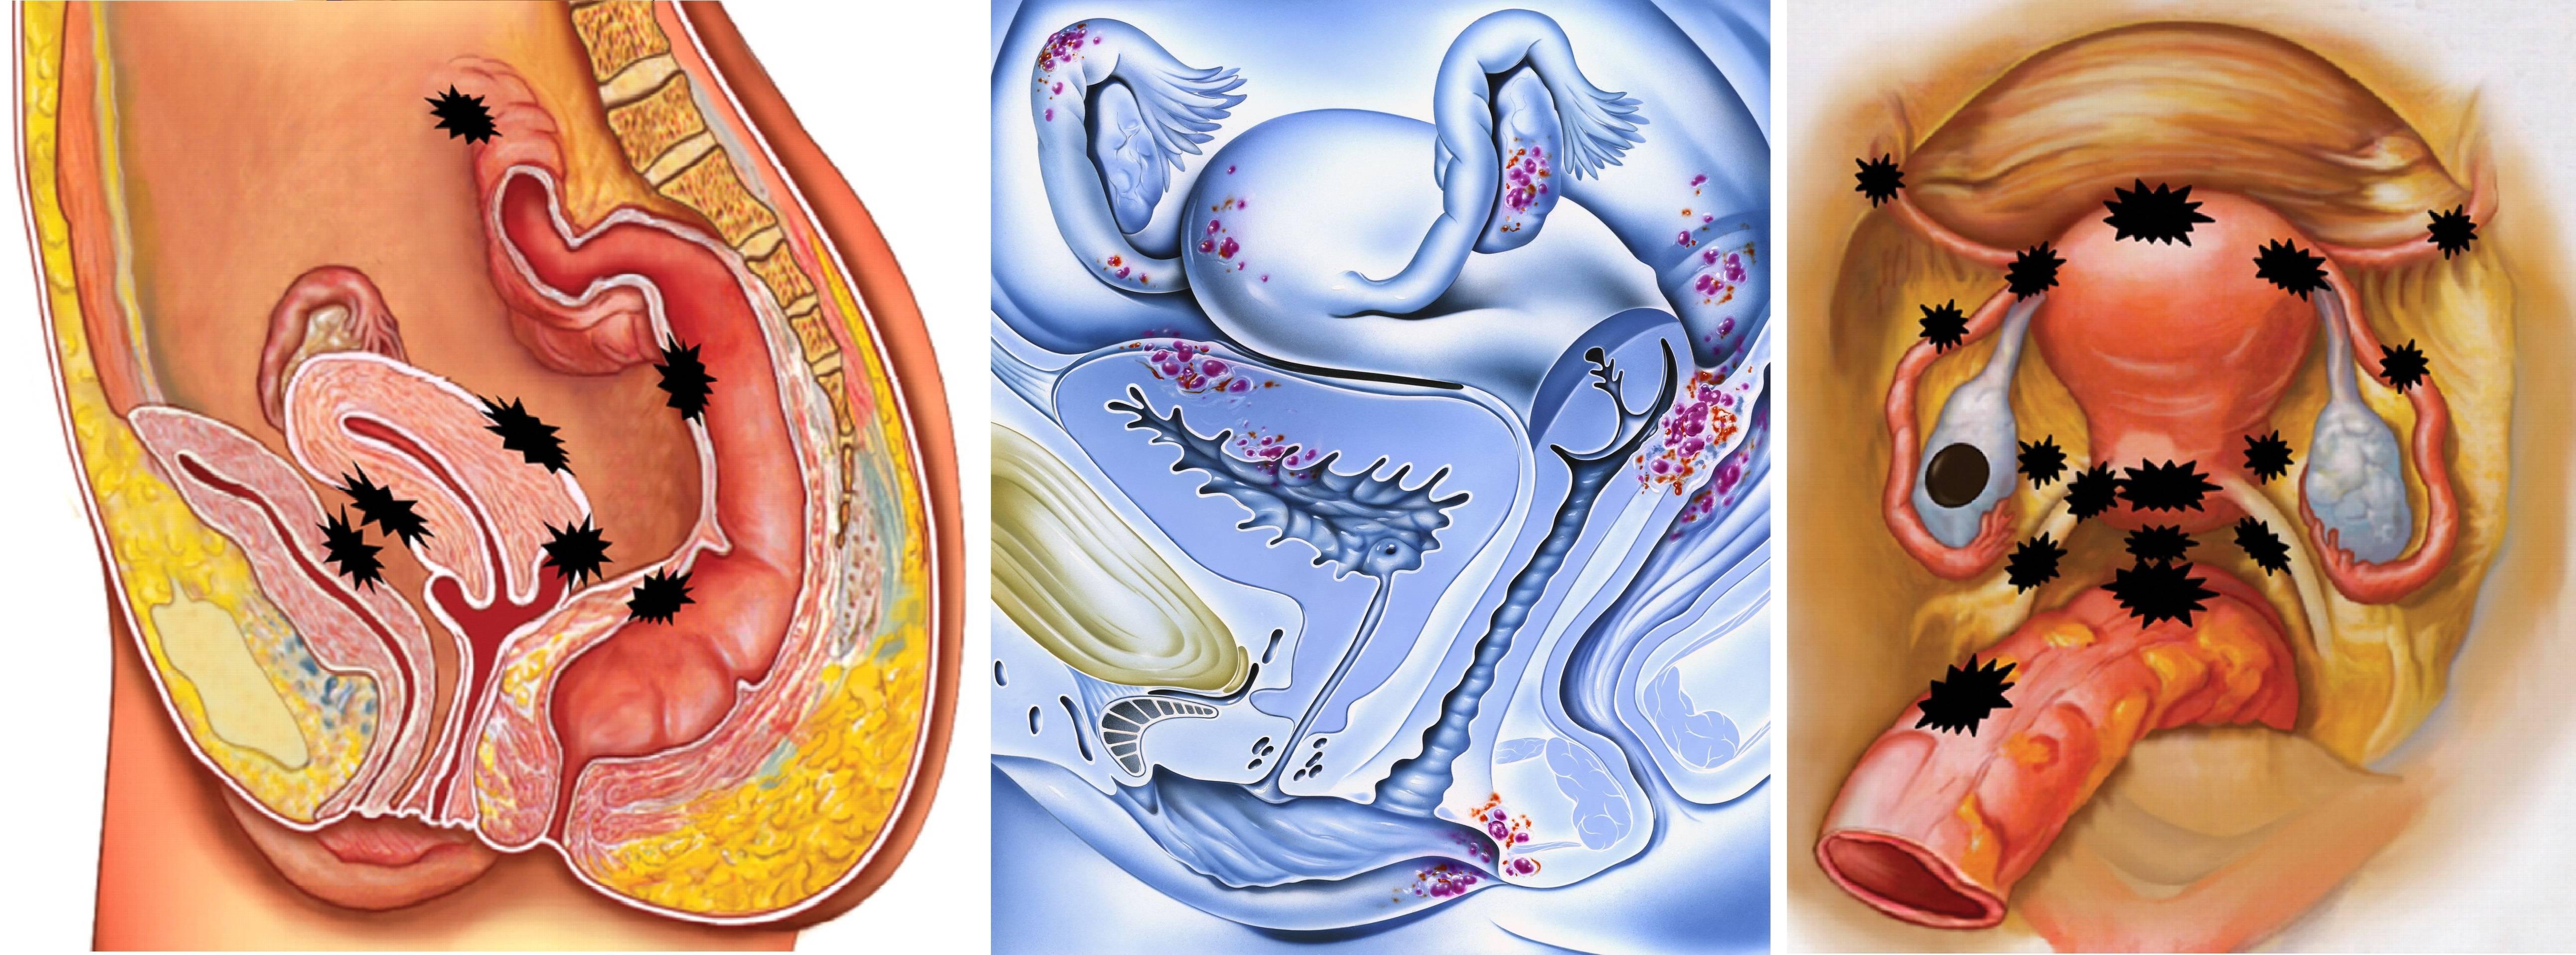 Как определить и вылечить дисфункцию яичников, чтобы забеременеть